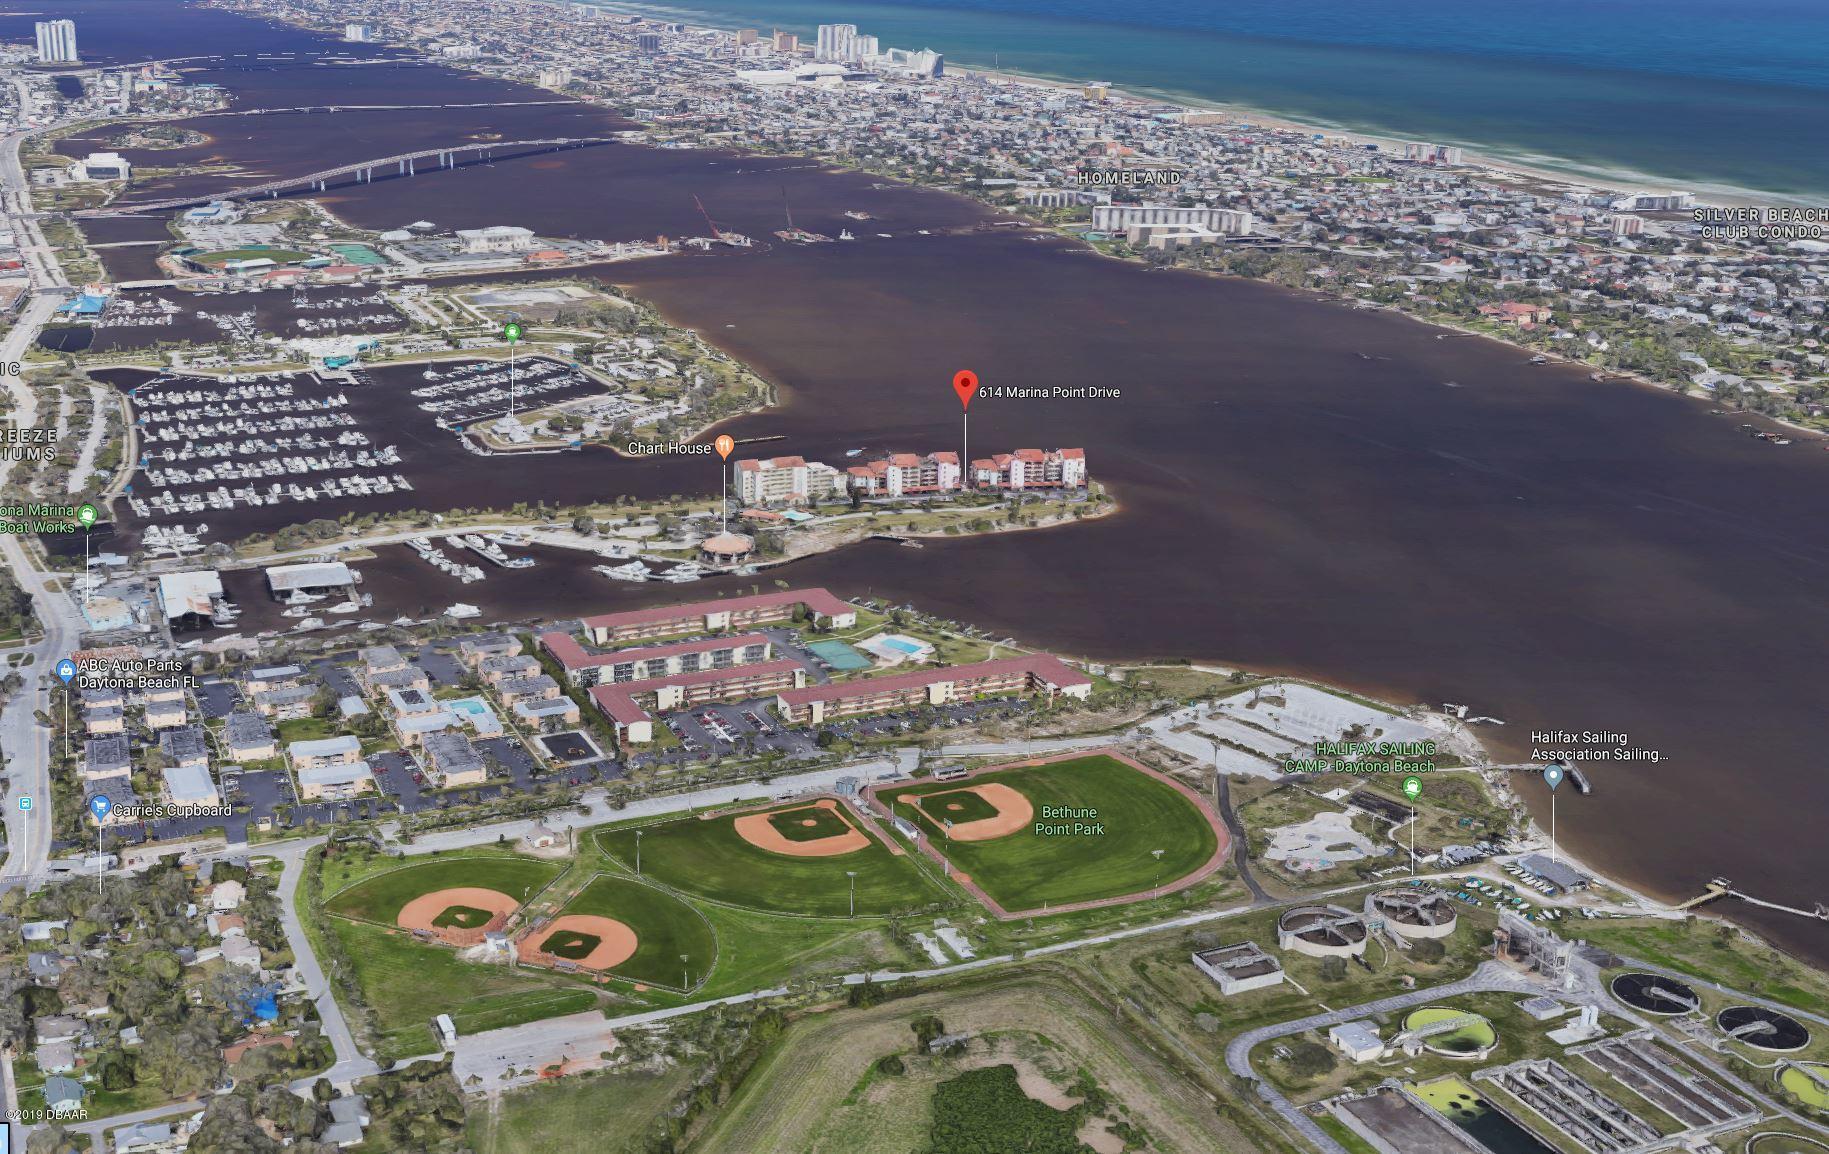 614 marina point Daytona Beach - 30